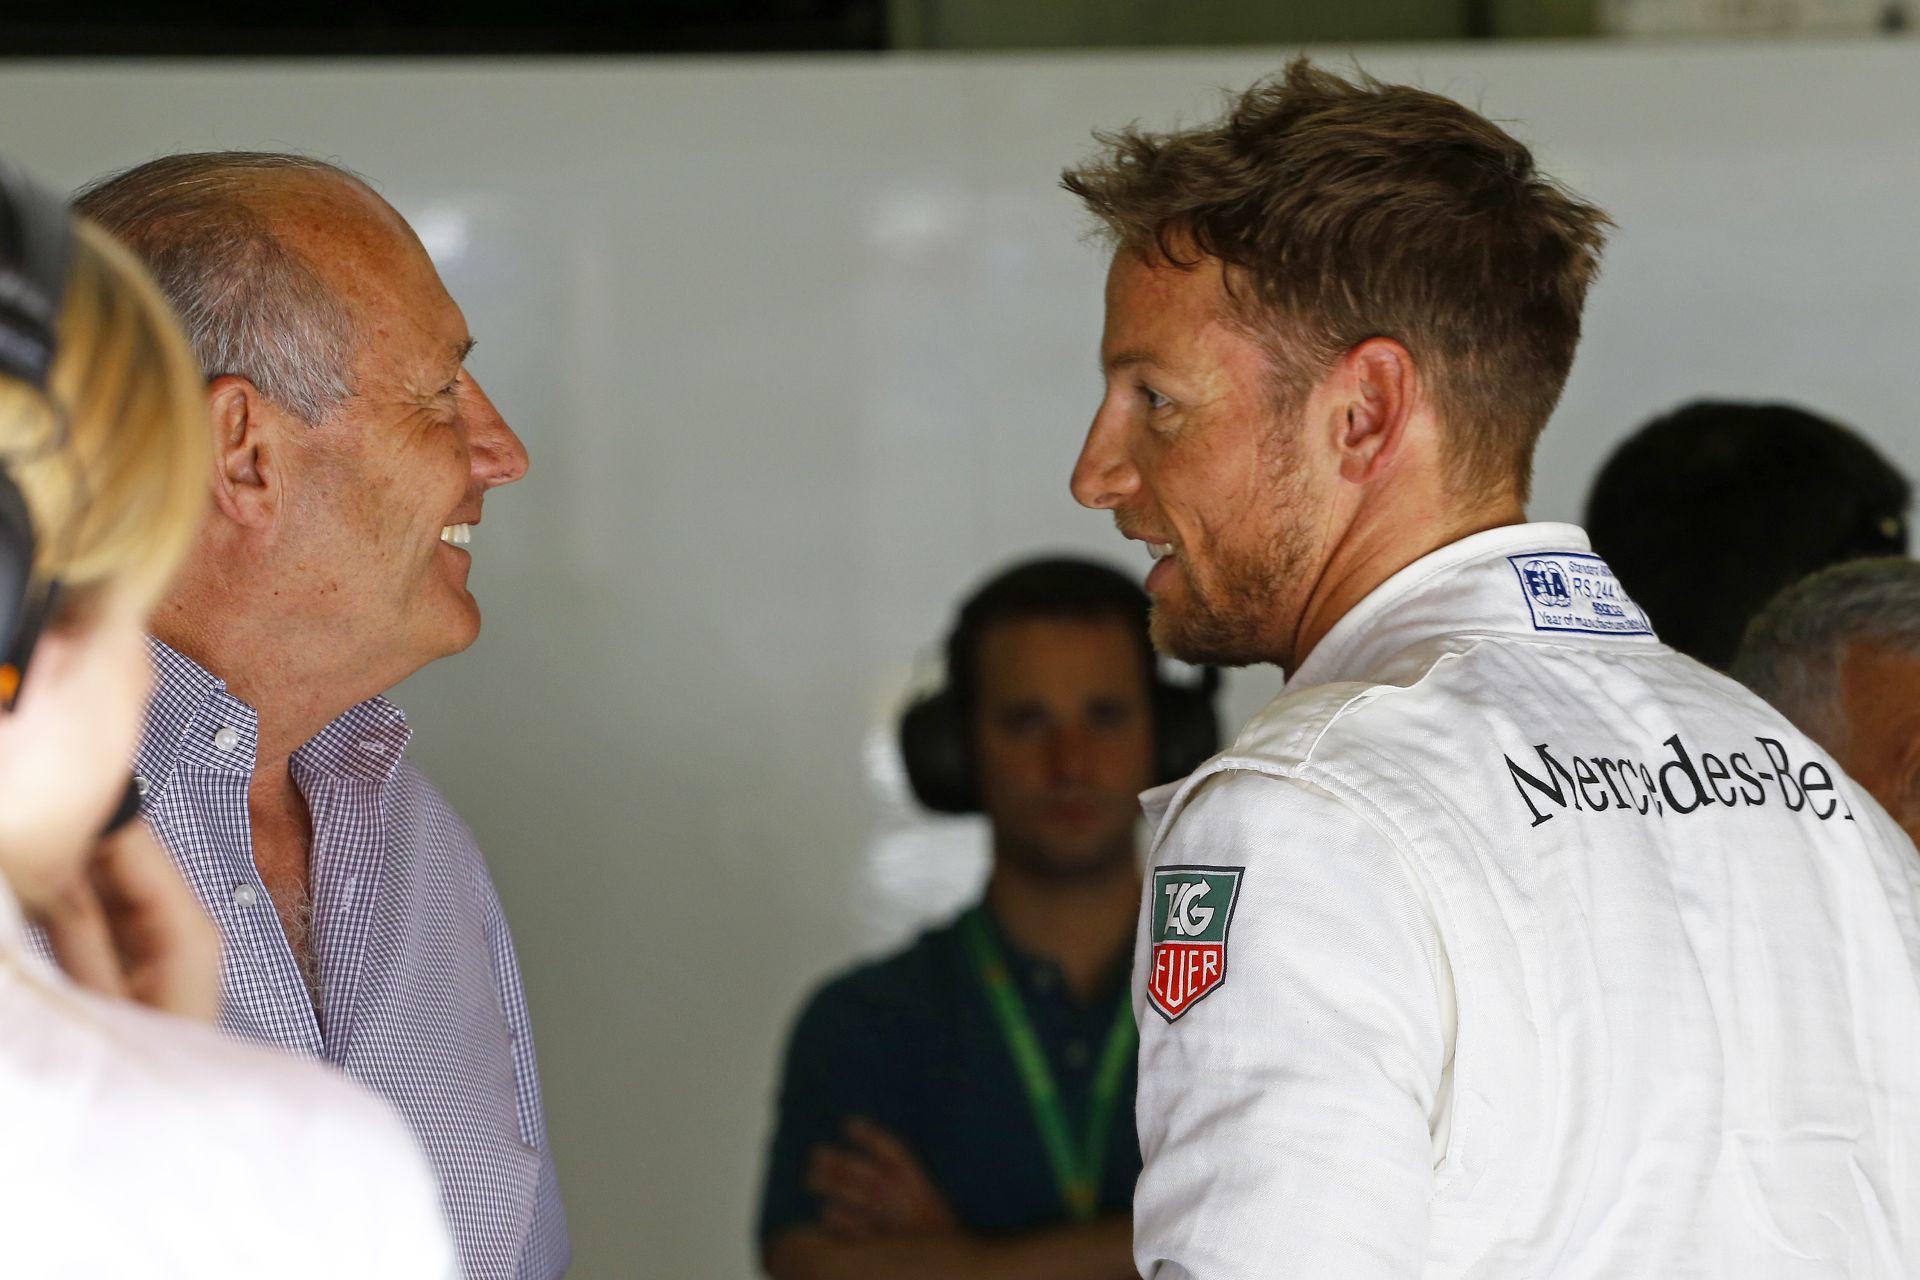 Dennis már közölte Buttonnal, hogy nem maradhat a McLarennél! A csapat mindent tagad (frissítve)